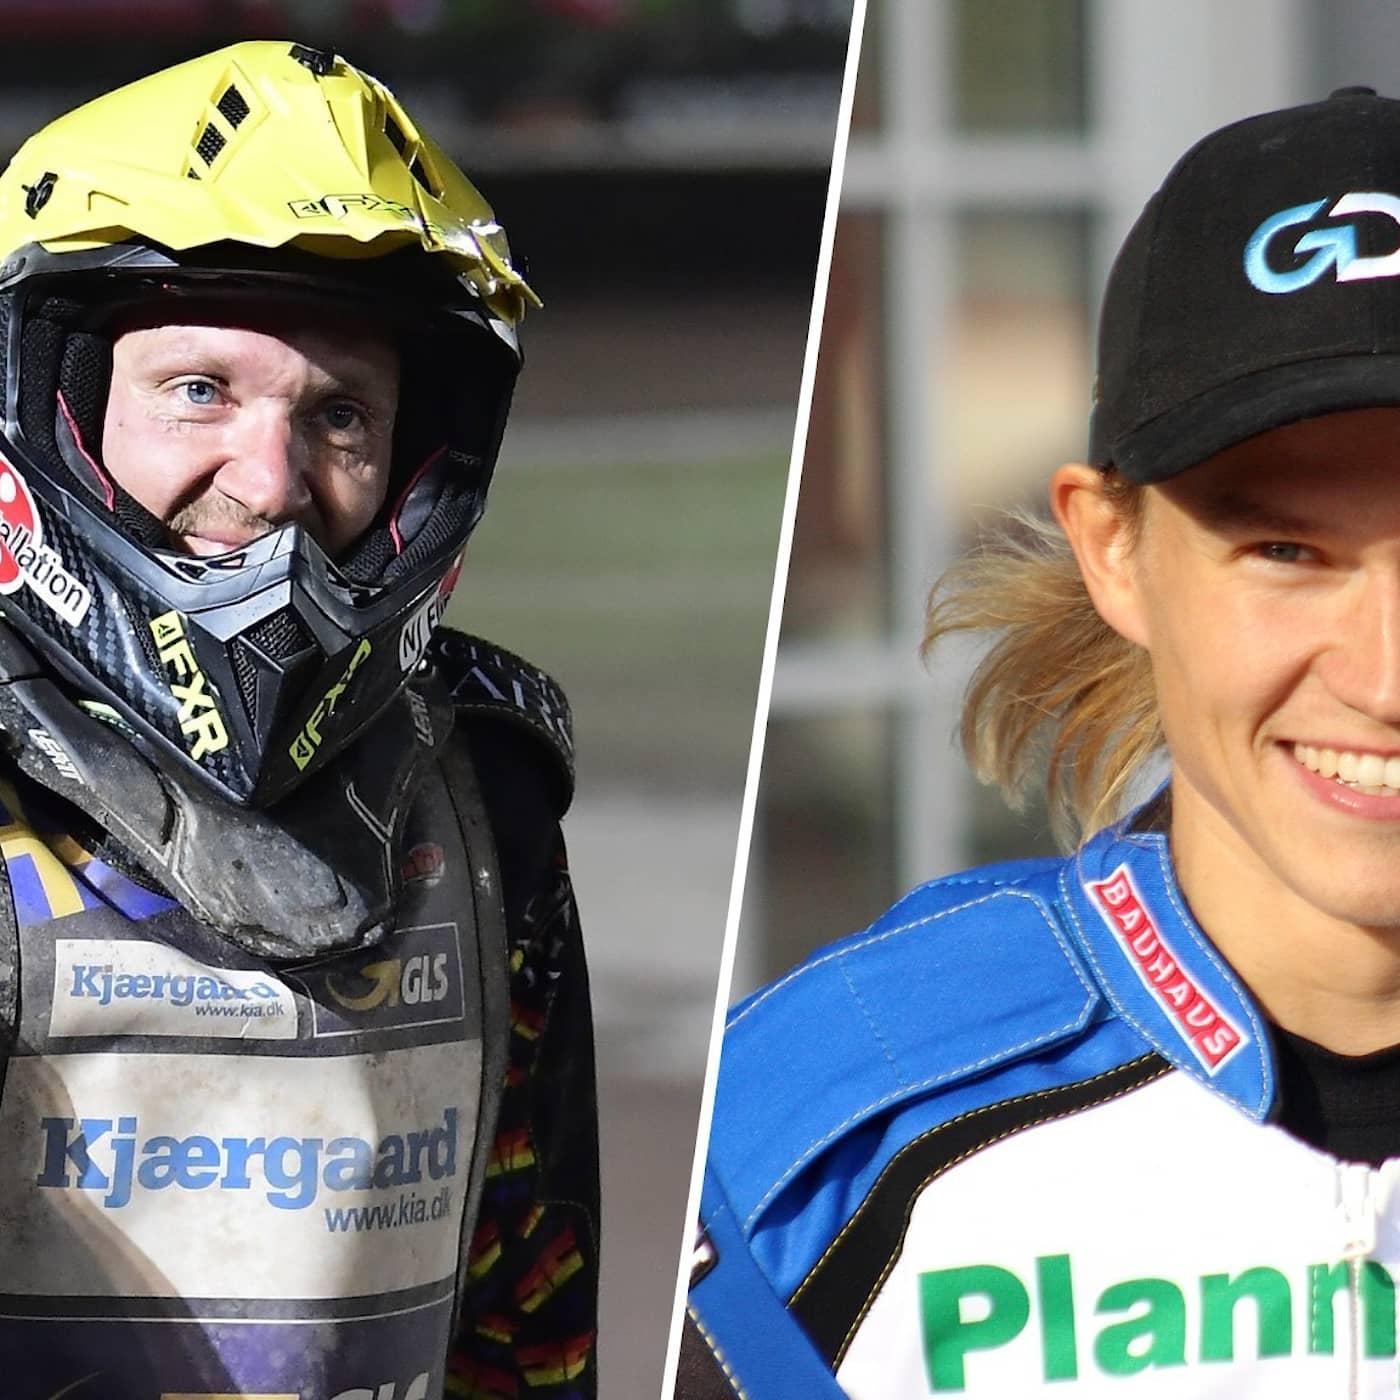 GP-fokus: Lindgren levererar och Vispen kvalificerad